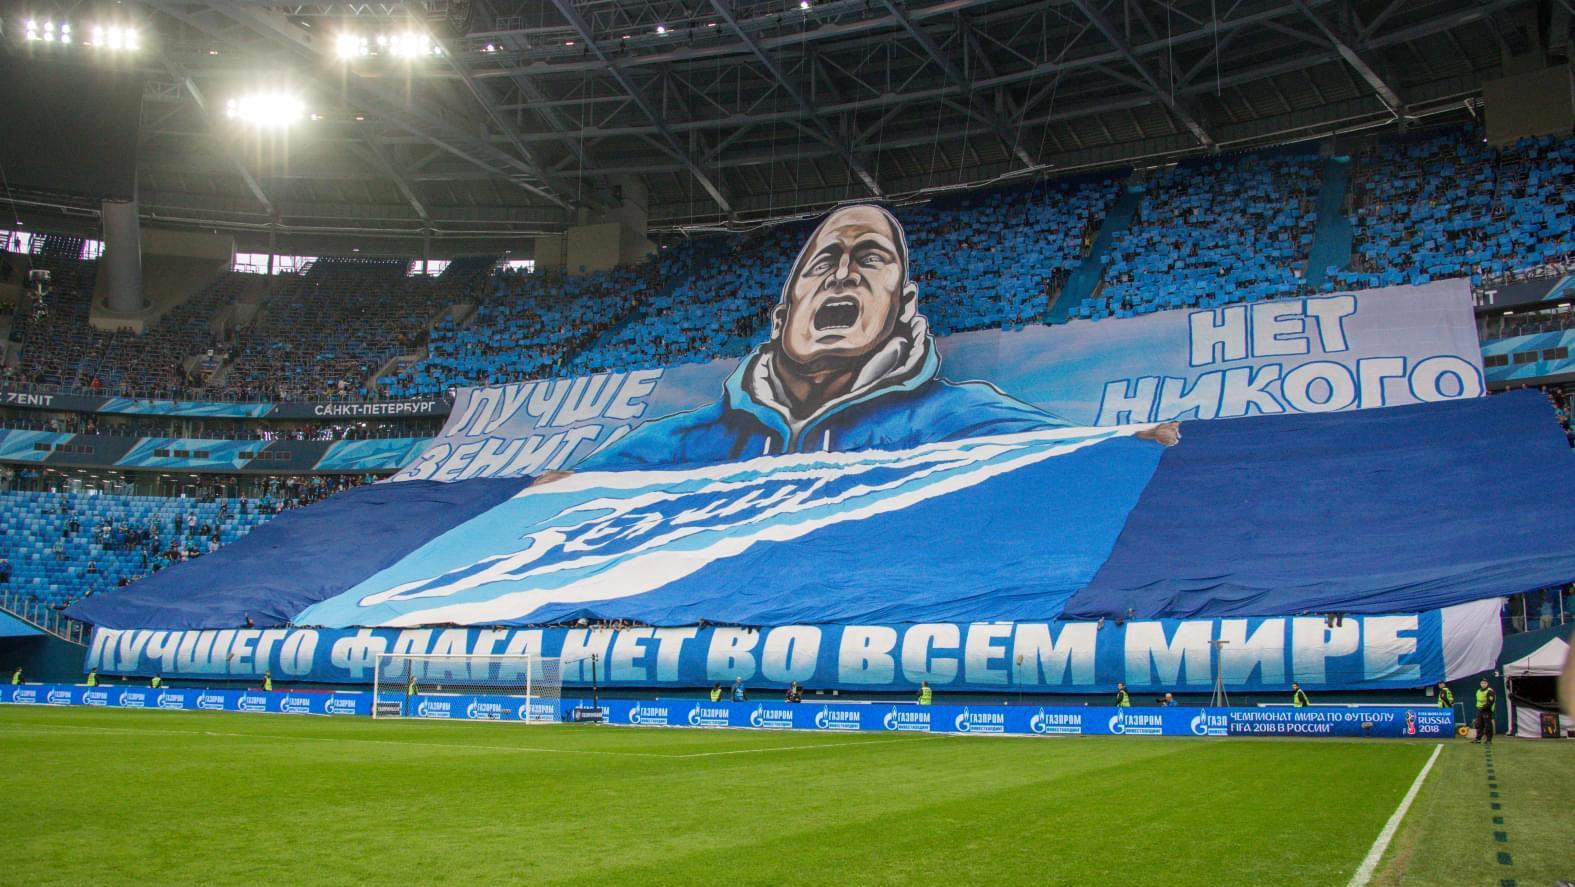 Больше всех зрителей побывало на матче «Зенит» — ЦСКА